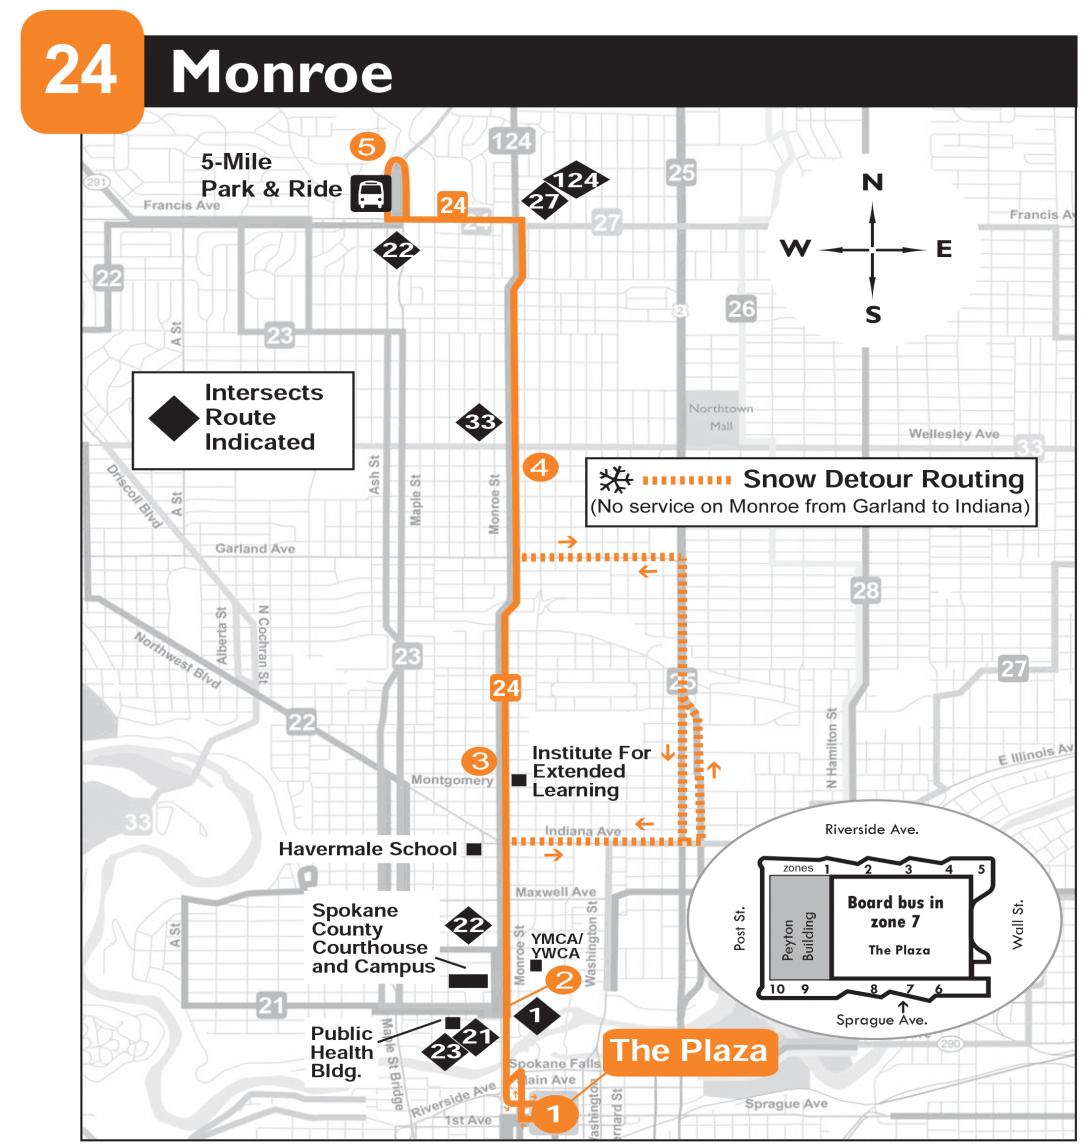 27 sta bus schedule